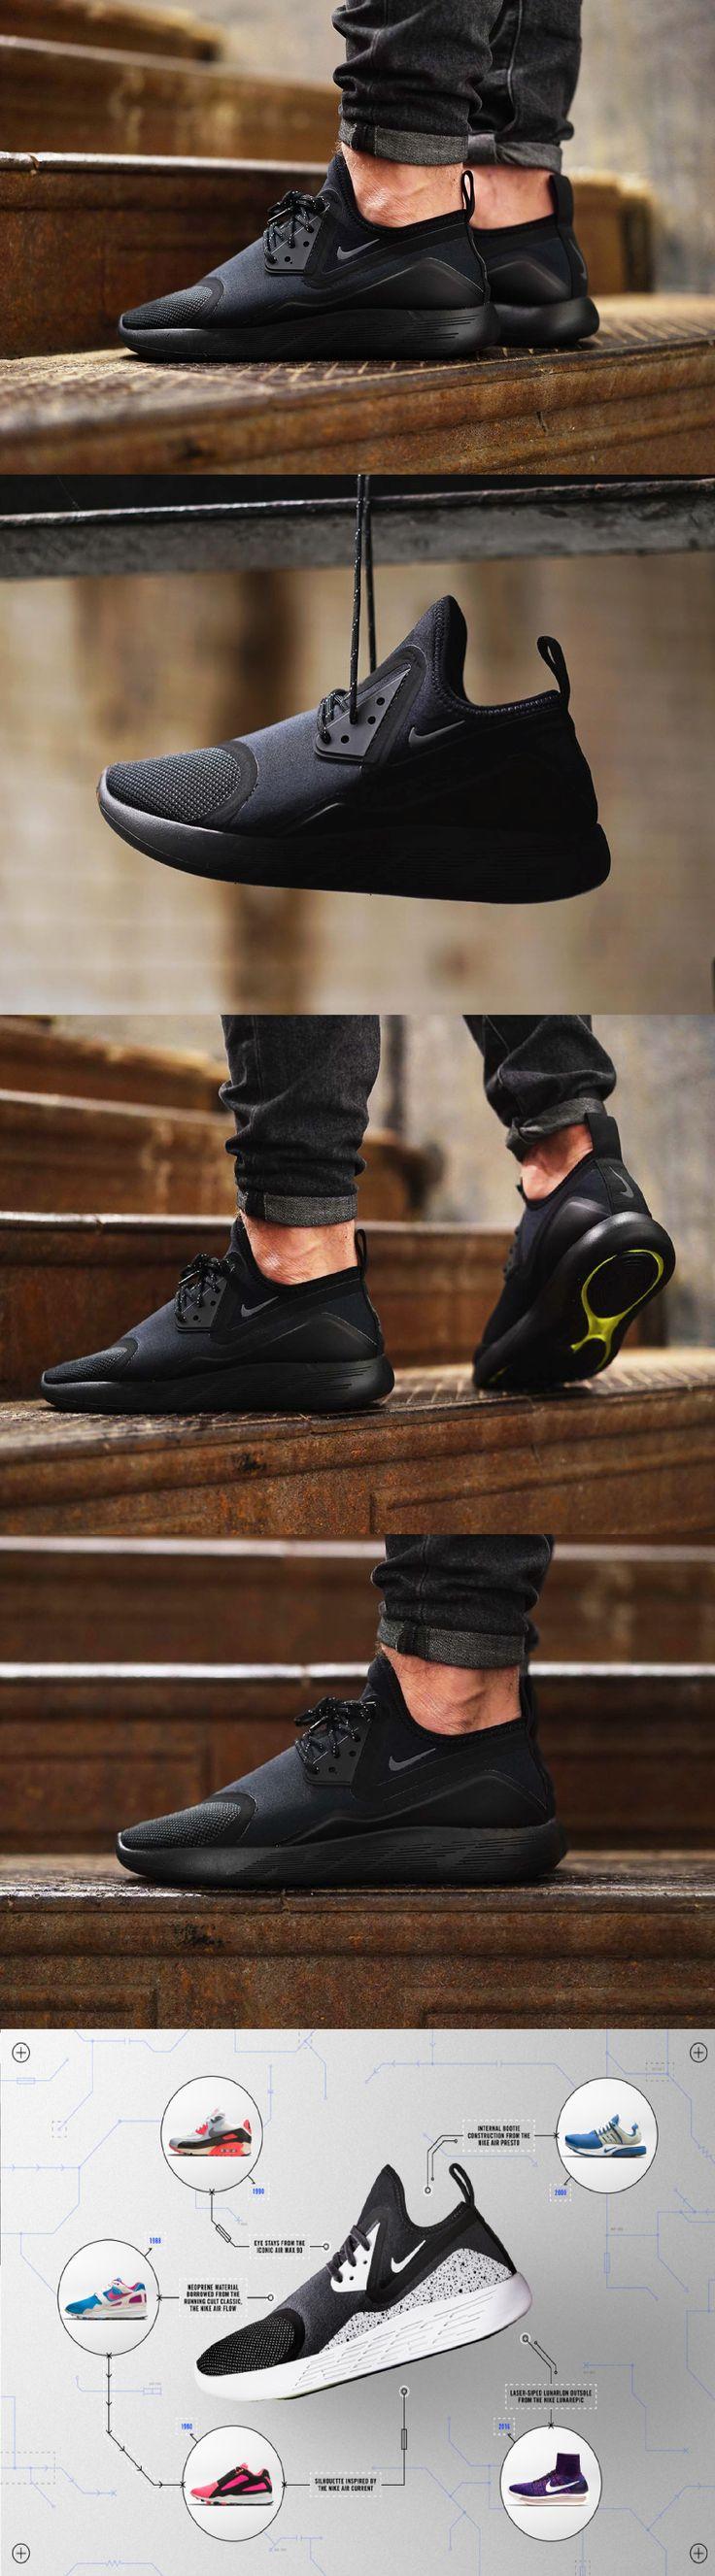 #Nike #Lunarcharge #Essential #Triple #Black http://store.nike.com/fr/fr_fr/pd/chaussure-lunarcharge-essential-pour/pid-11614883/pgid-12014494?cp=EUNS_AFF_WG_FR_121157